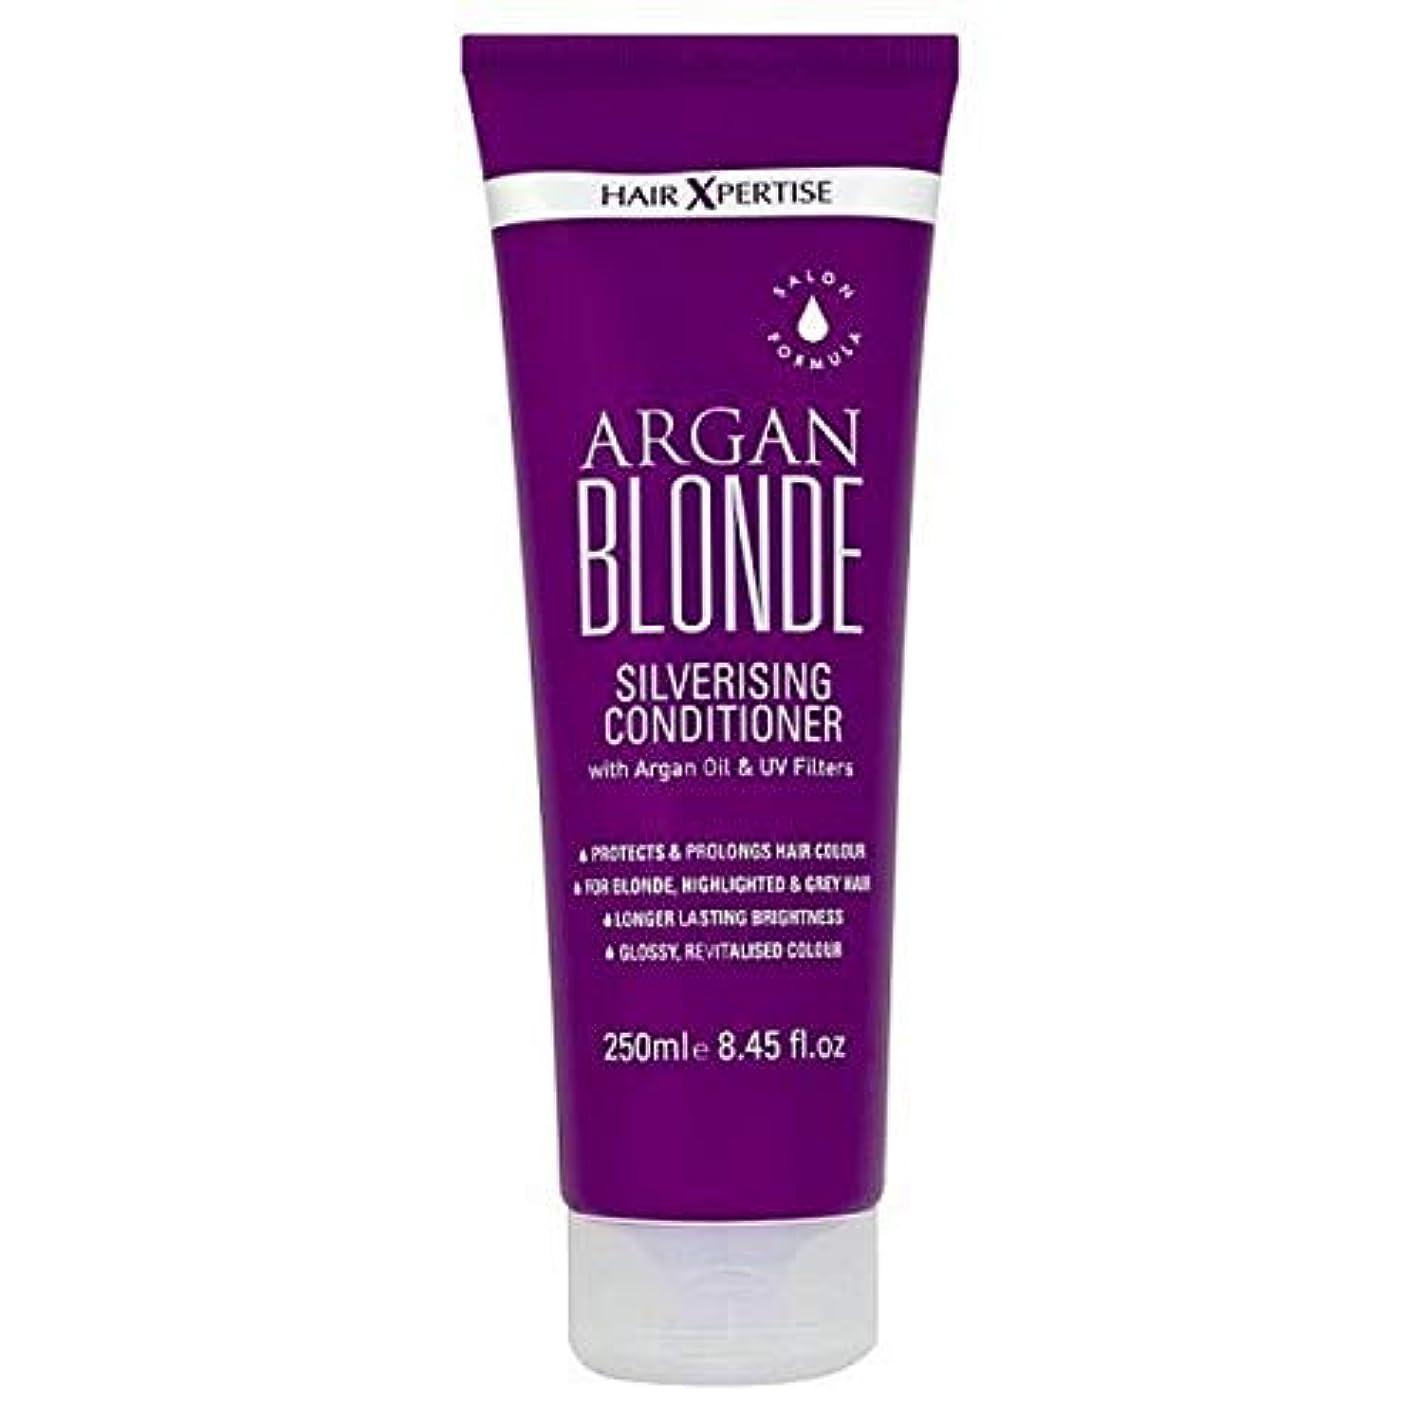 ゼリー思いつくゾーン[Hair Xpertise] ヘアXpertiseのアルガンブロンドSilverisingコンディショナー250ミリリットル - Hair Xpertise Argan Blonde Silverising Conditioner 250ml [並行輸入品]